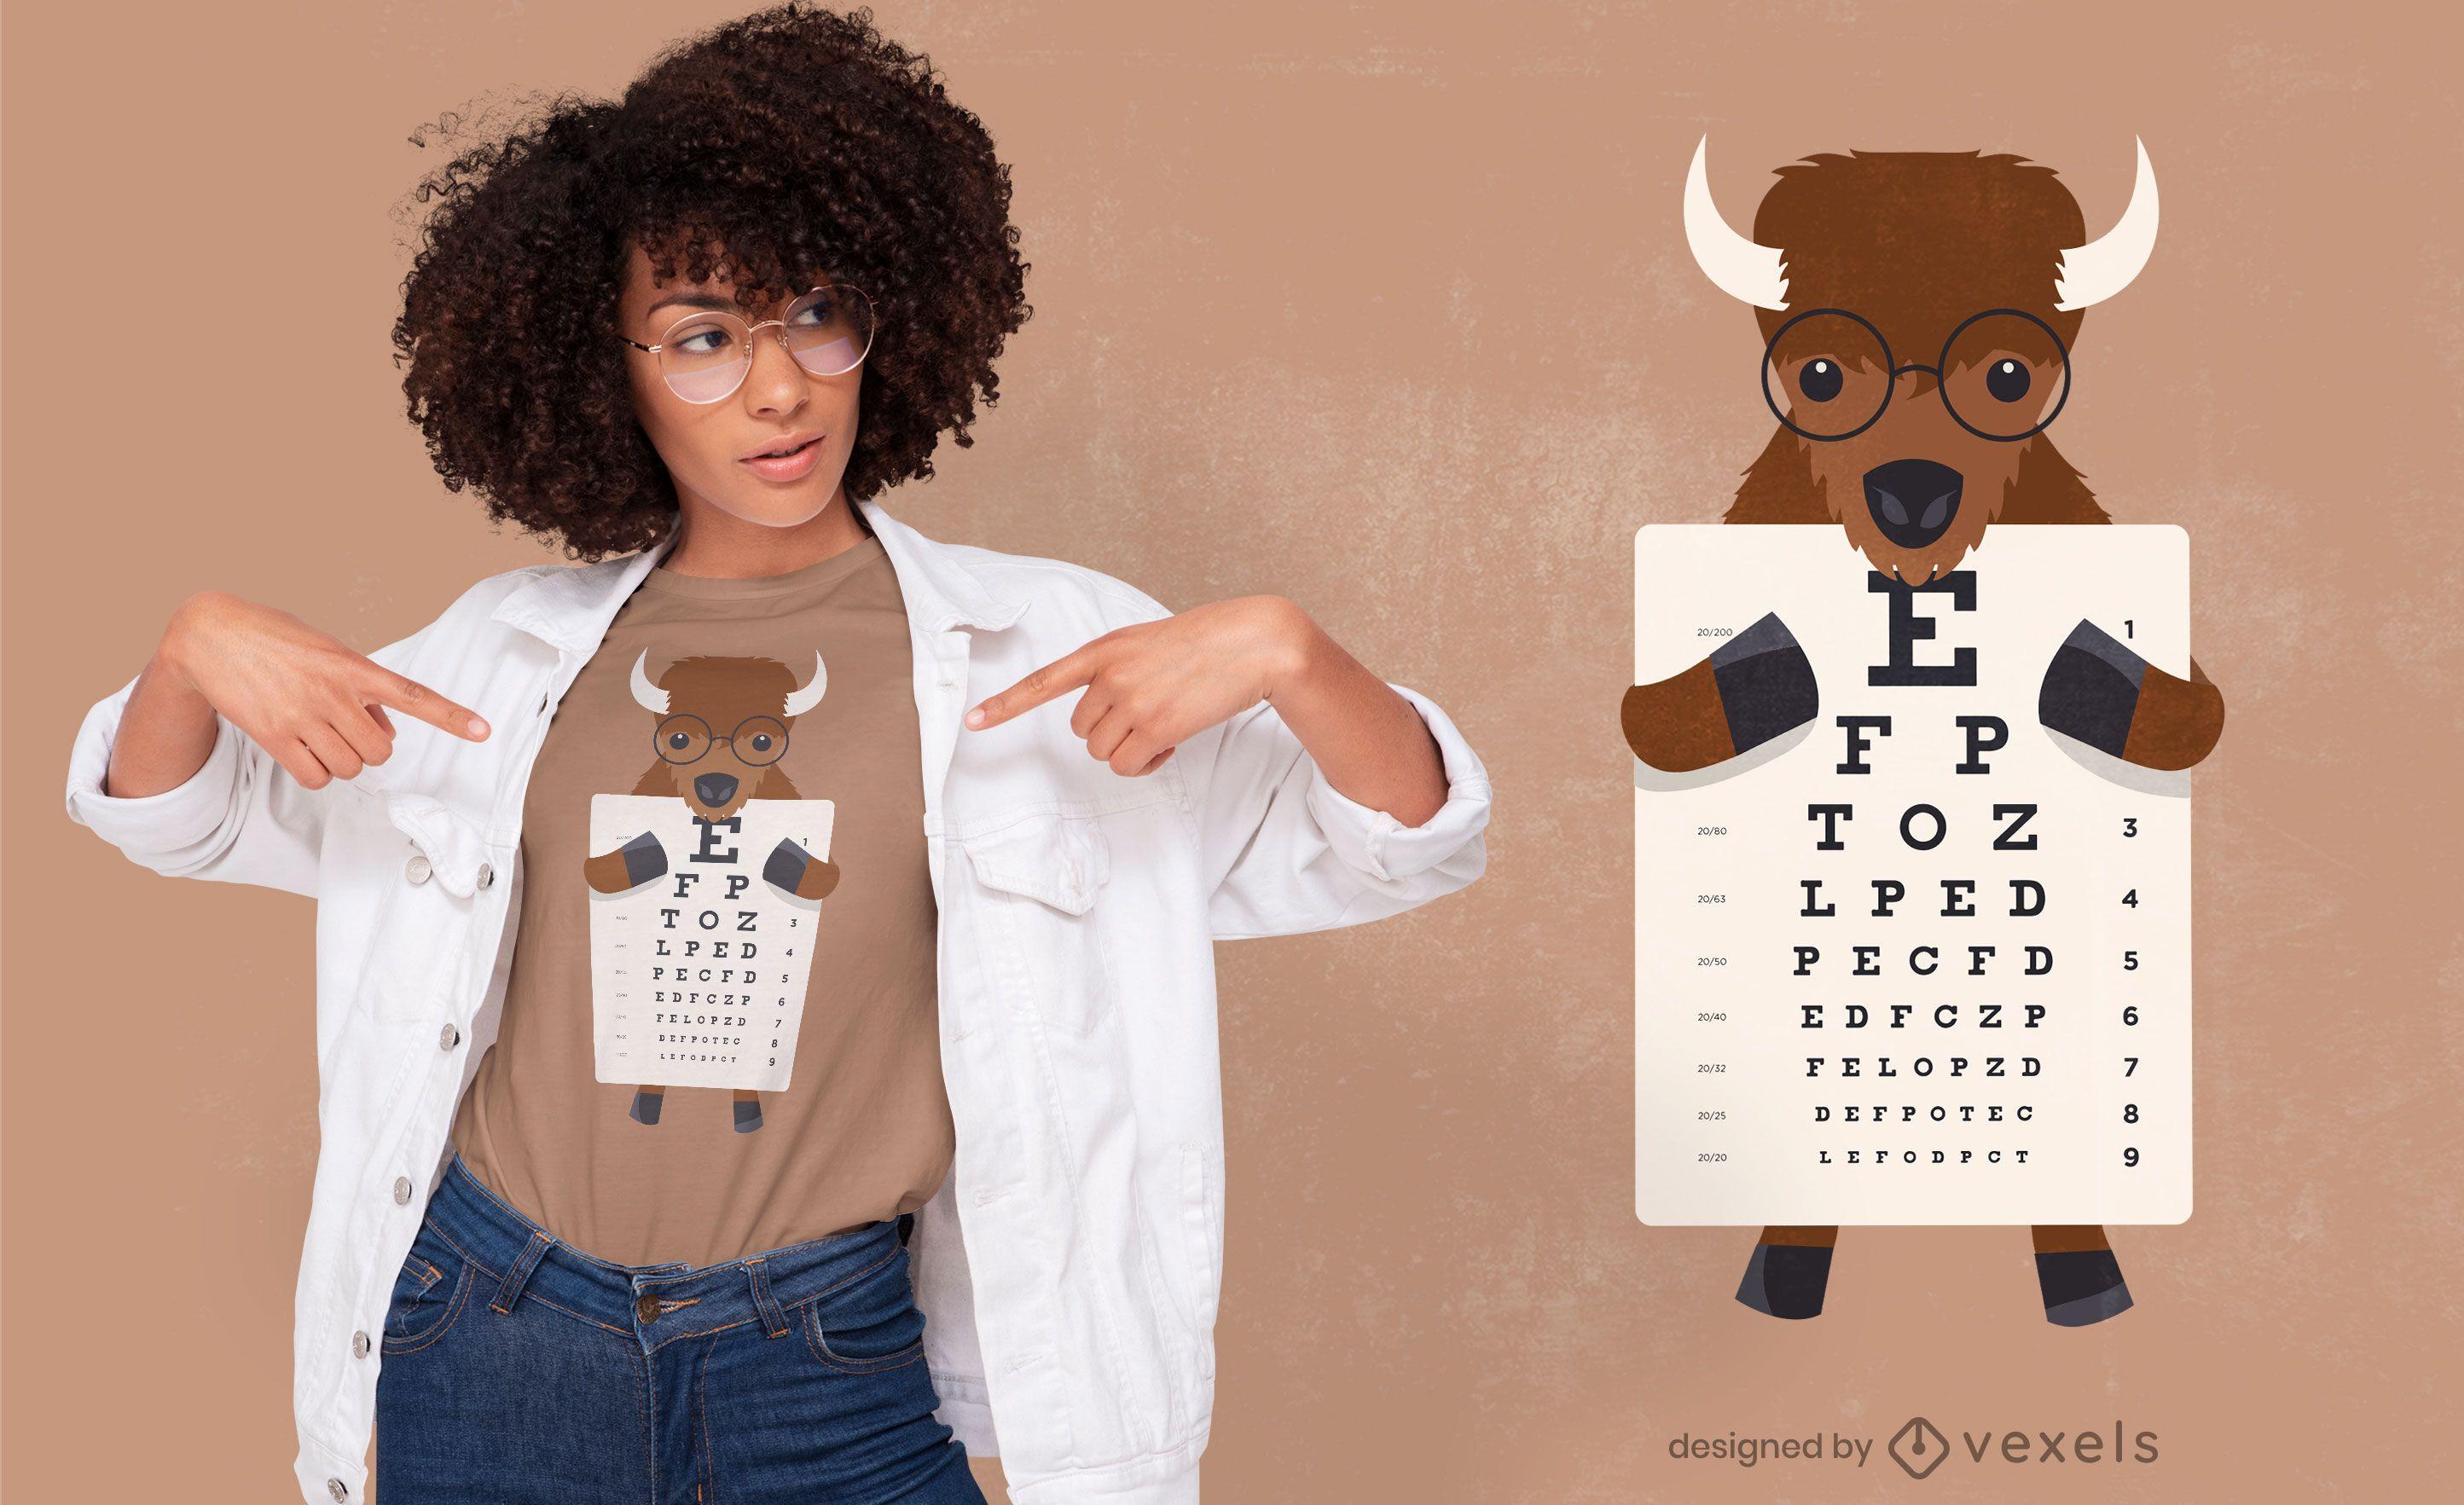 Bisonte con diseño de camiseta de gráfico optométrico